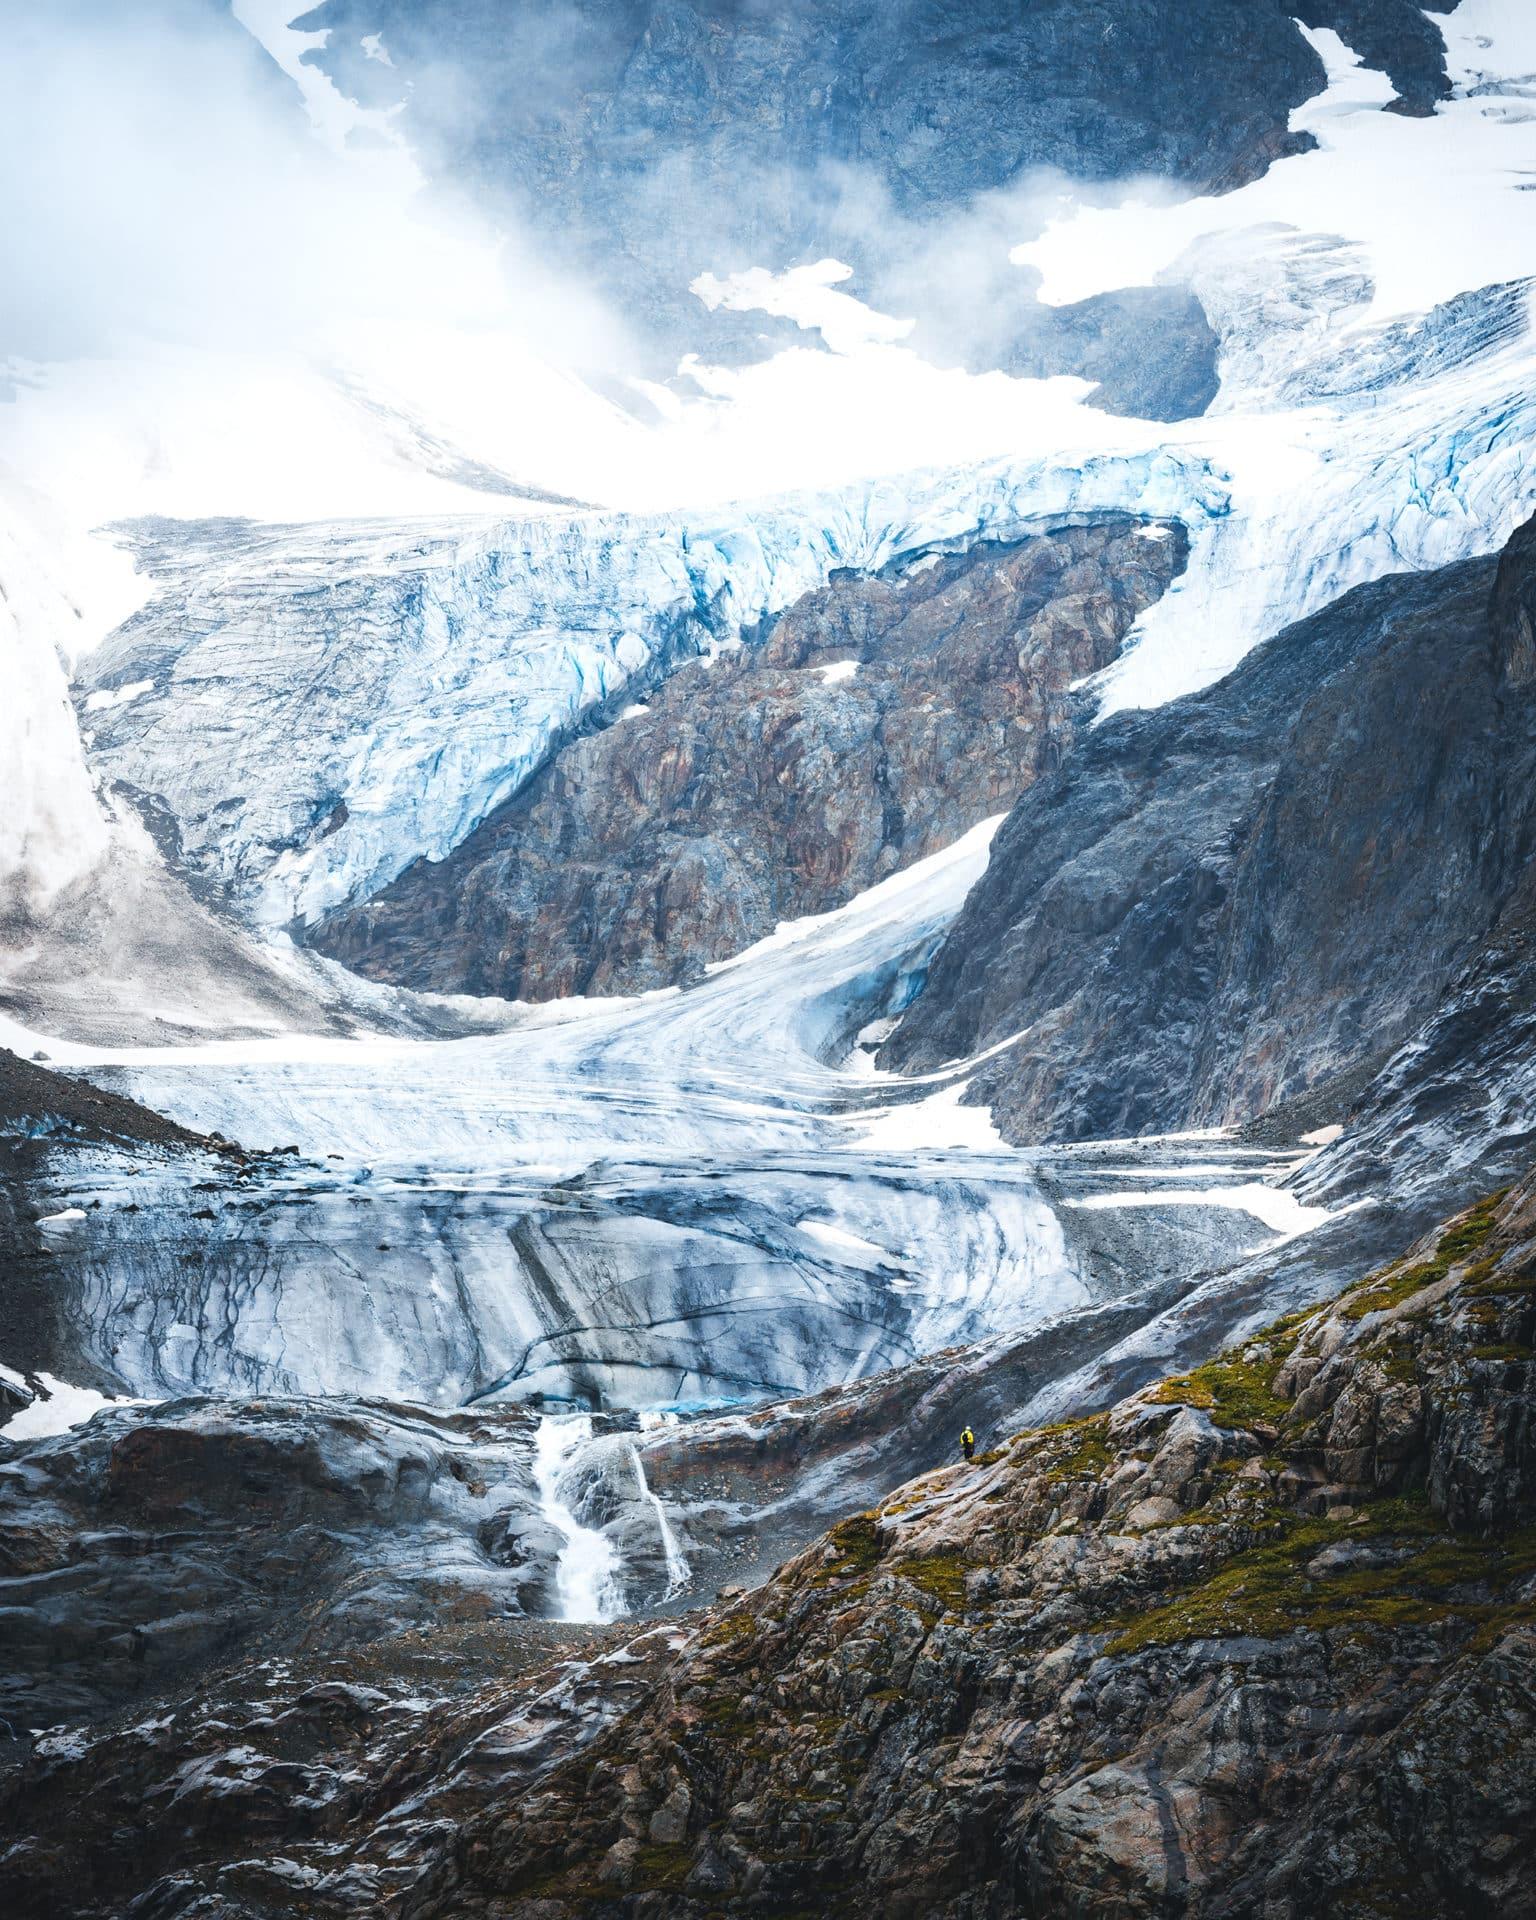 Steingletscher Sustenpass scale